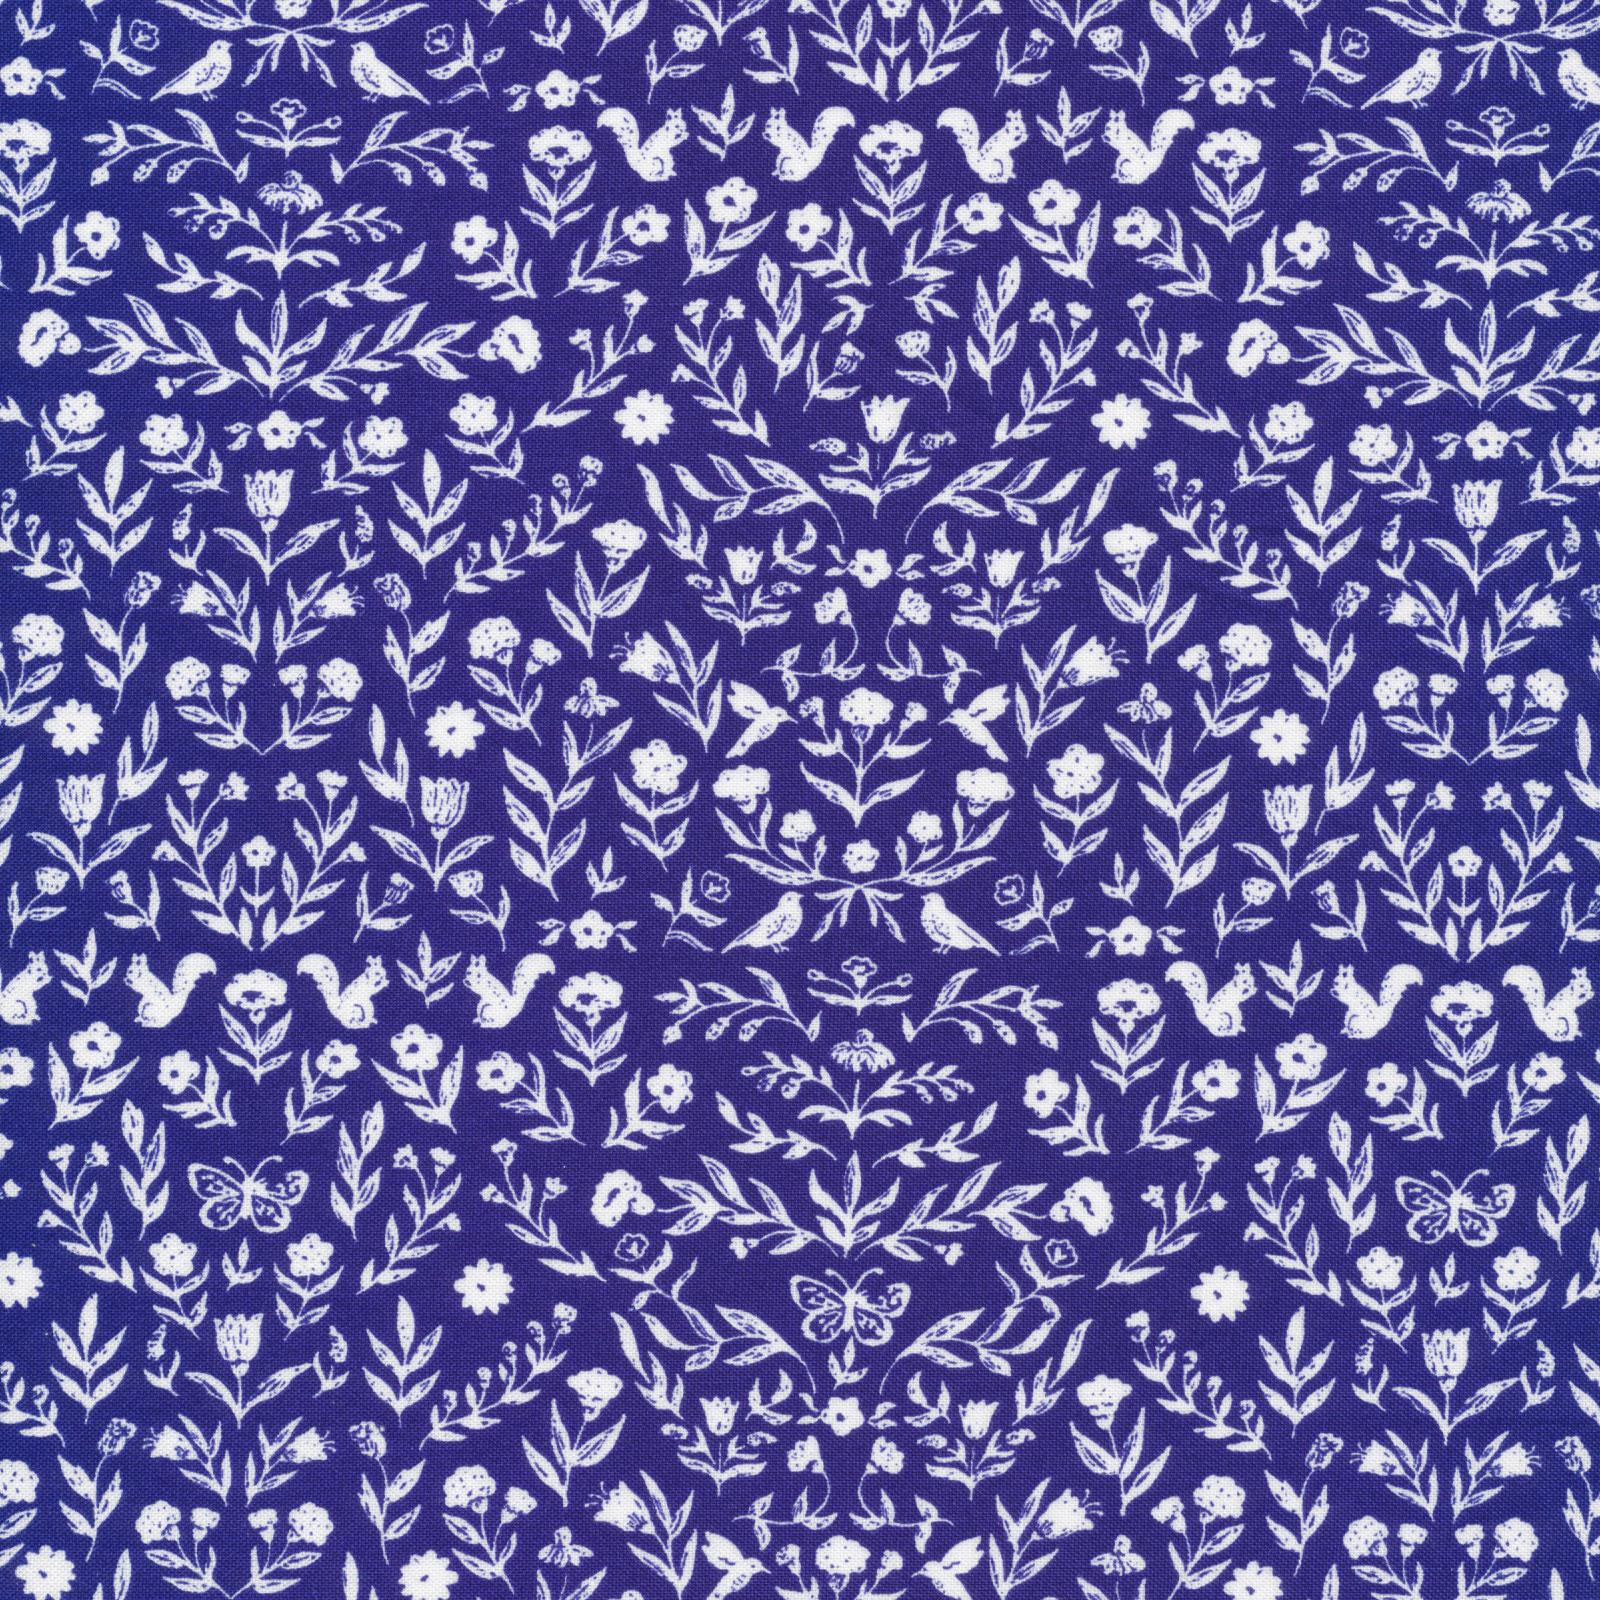 """Imagen del producto: Tela Cloud9 """"Perennial 226992"""", algodón - 50 x 55 cm"""